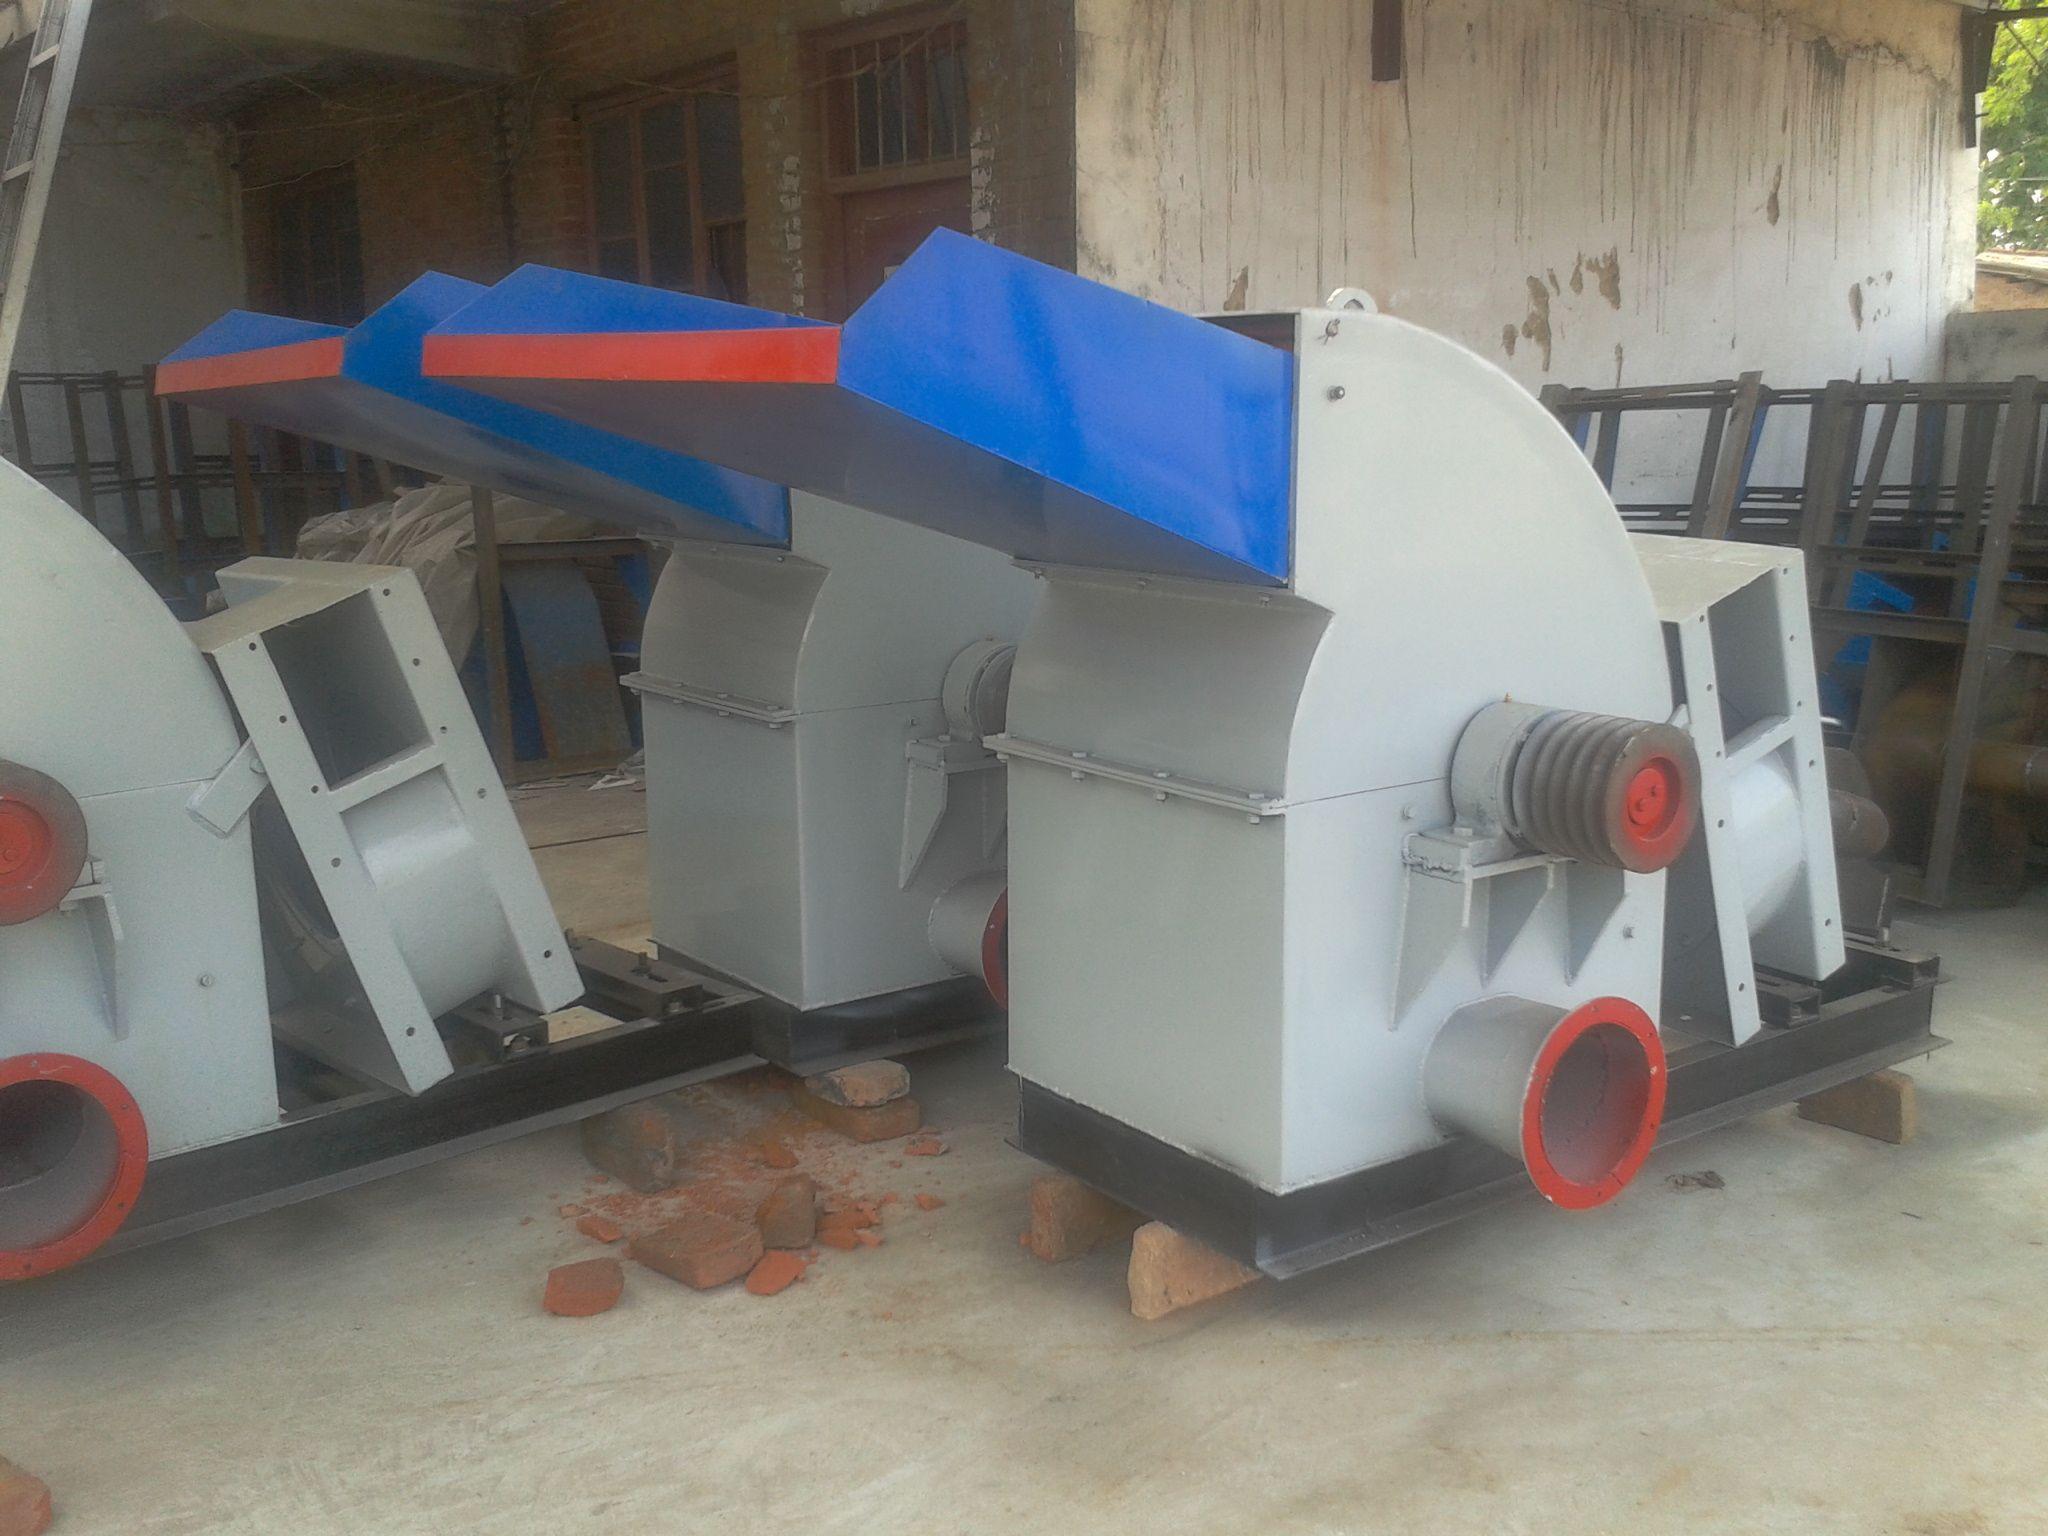 wood crusher machine http://victormachinez.com/wood-crushing-machine/